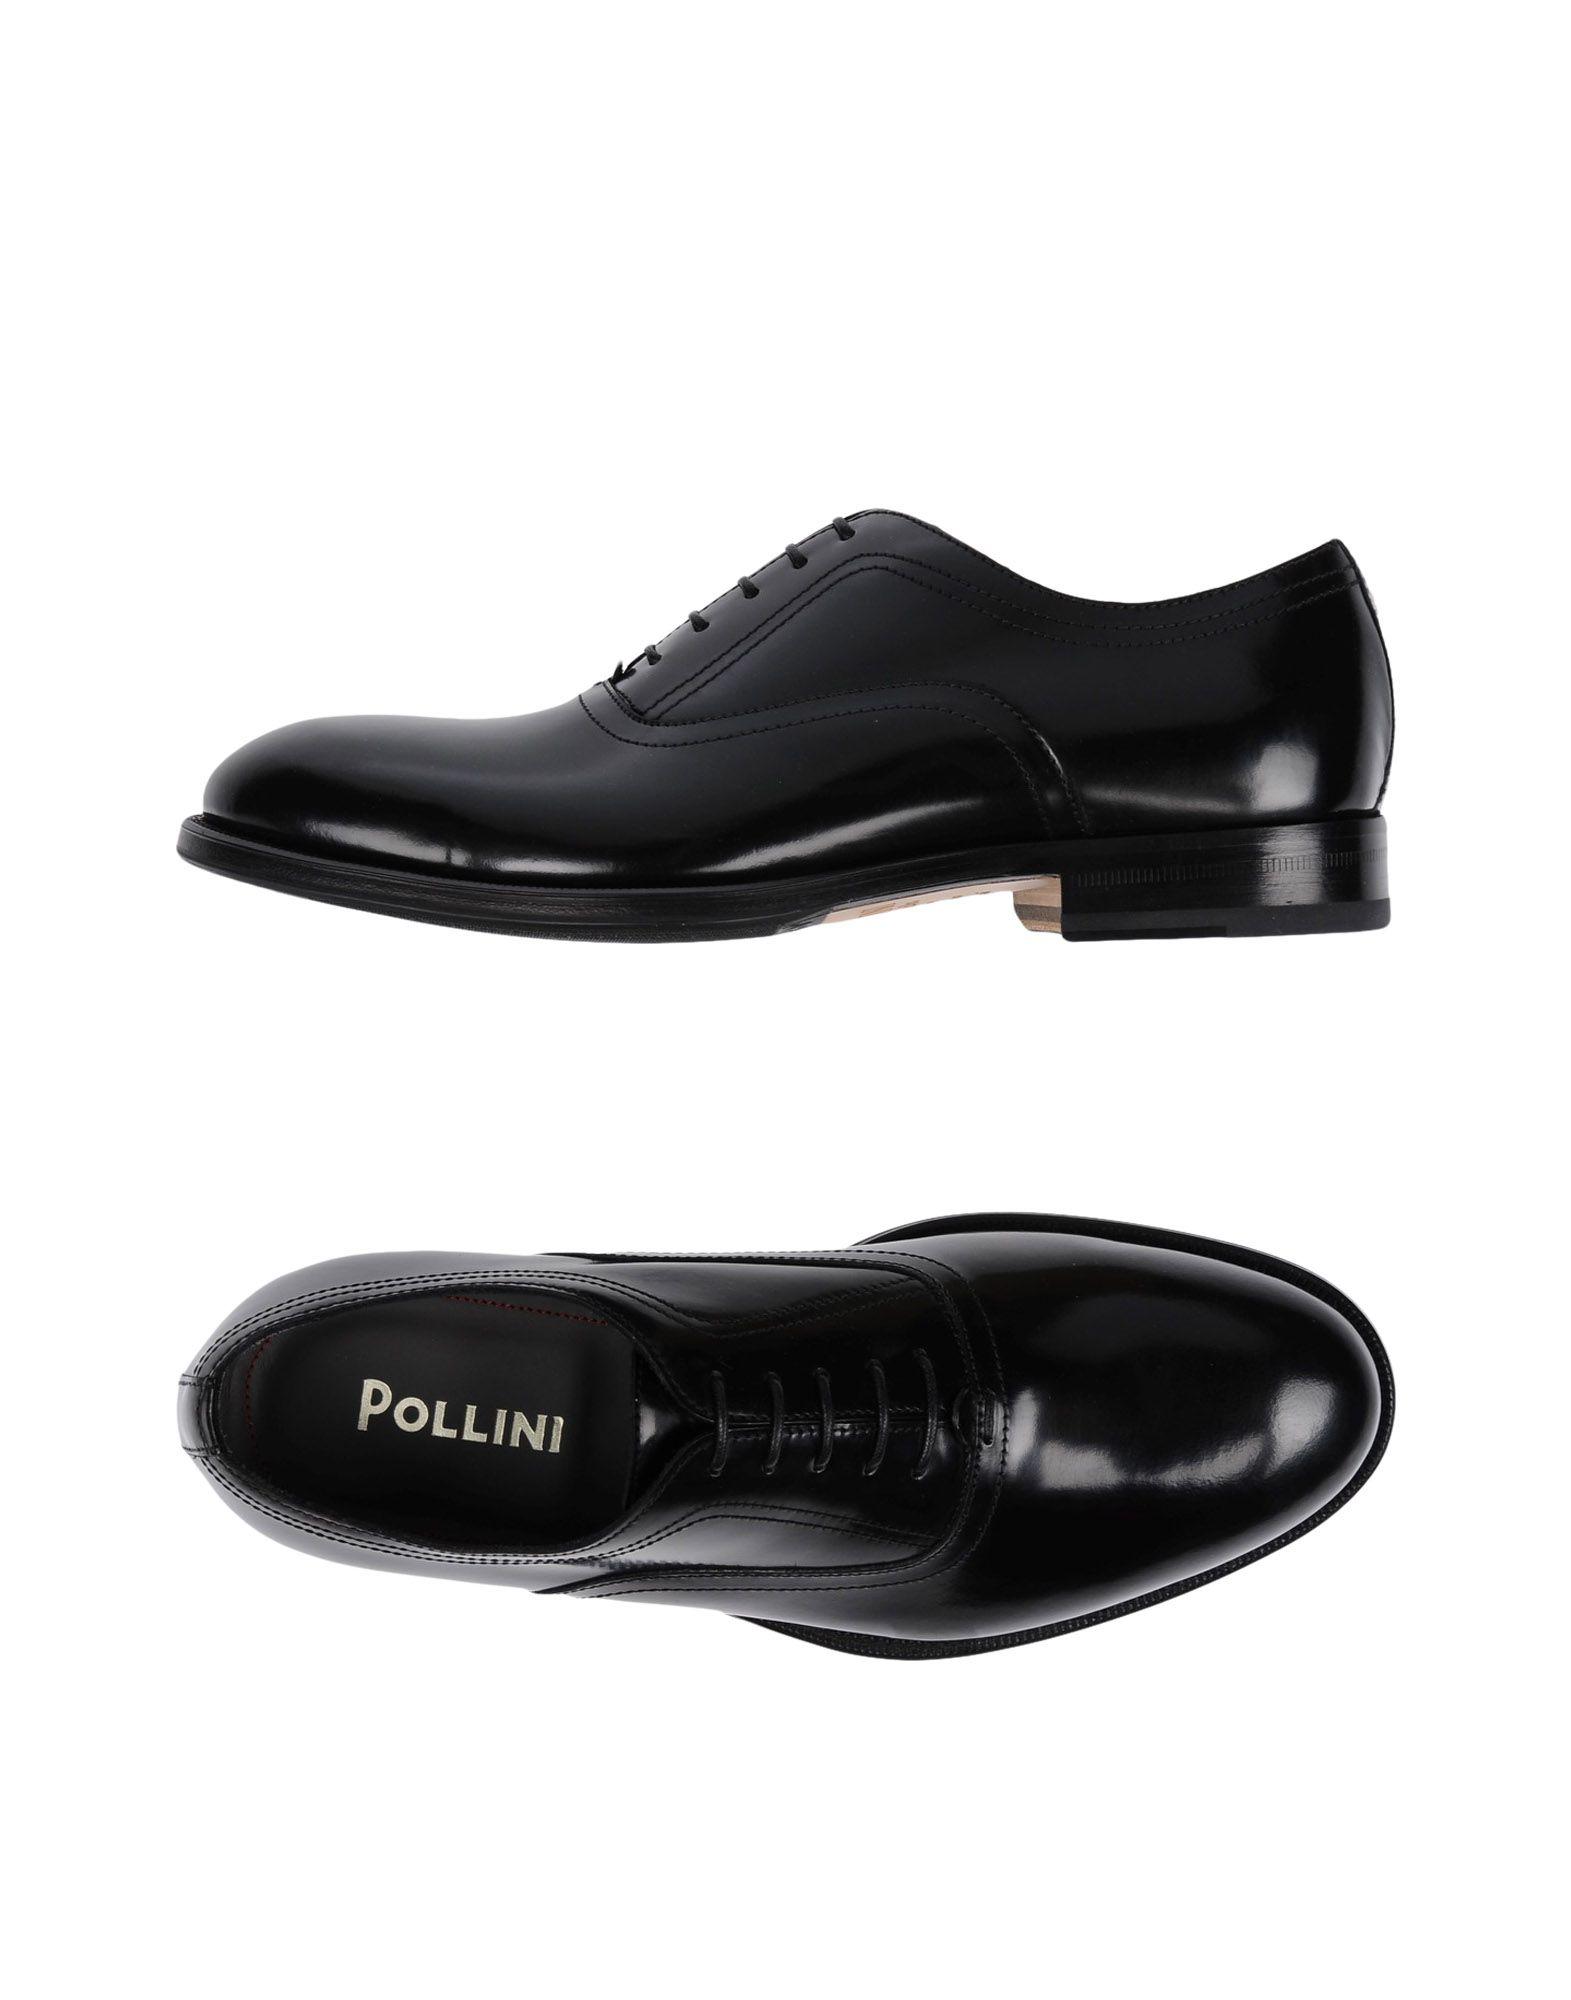 Pollini Schnürschuhe Herren   Herren 11448557RI  9dc847